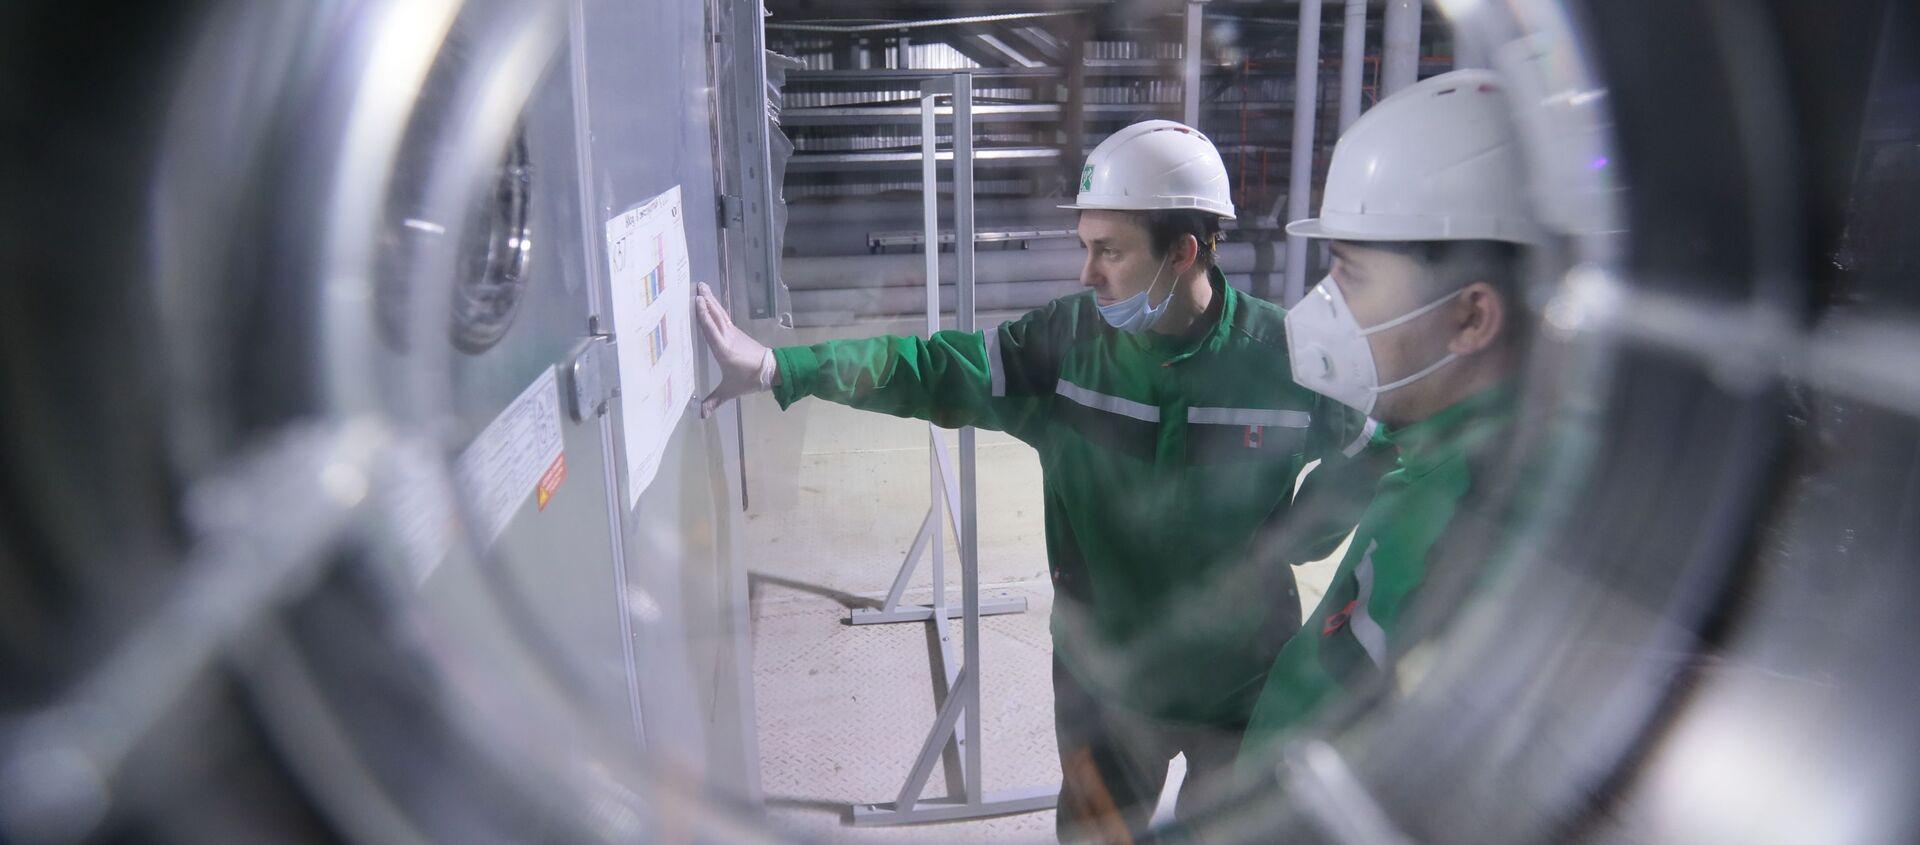 """Pracownicy w trakcie dostosowywania sprzętu i przygotowania przedsiębiorstwa """"R-Pharm"""" w Moskwie do produkcji szczepionki przeciwko COVID-19 - Sputnik Polska, 1920, 05.03.2021"""